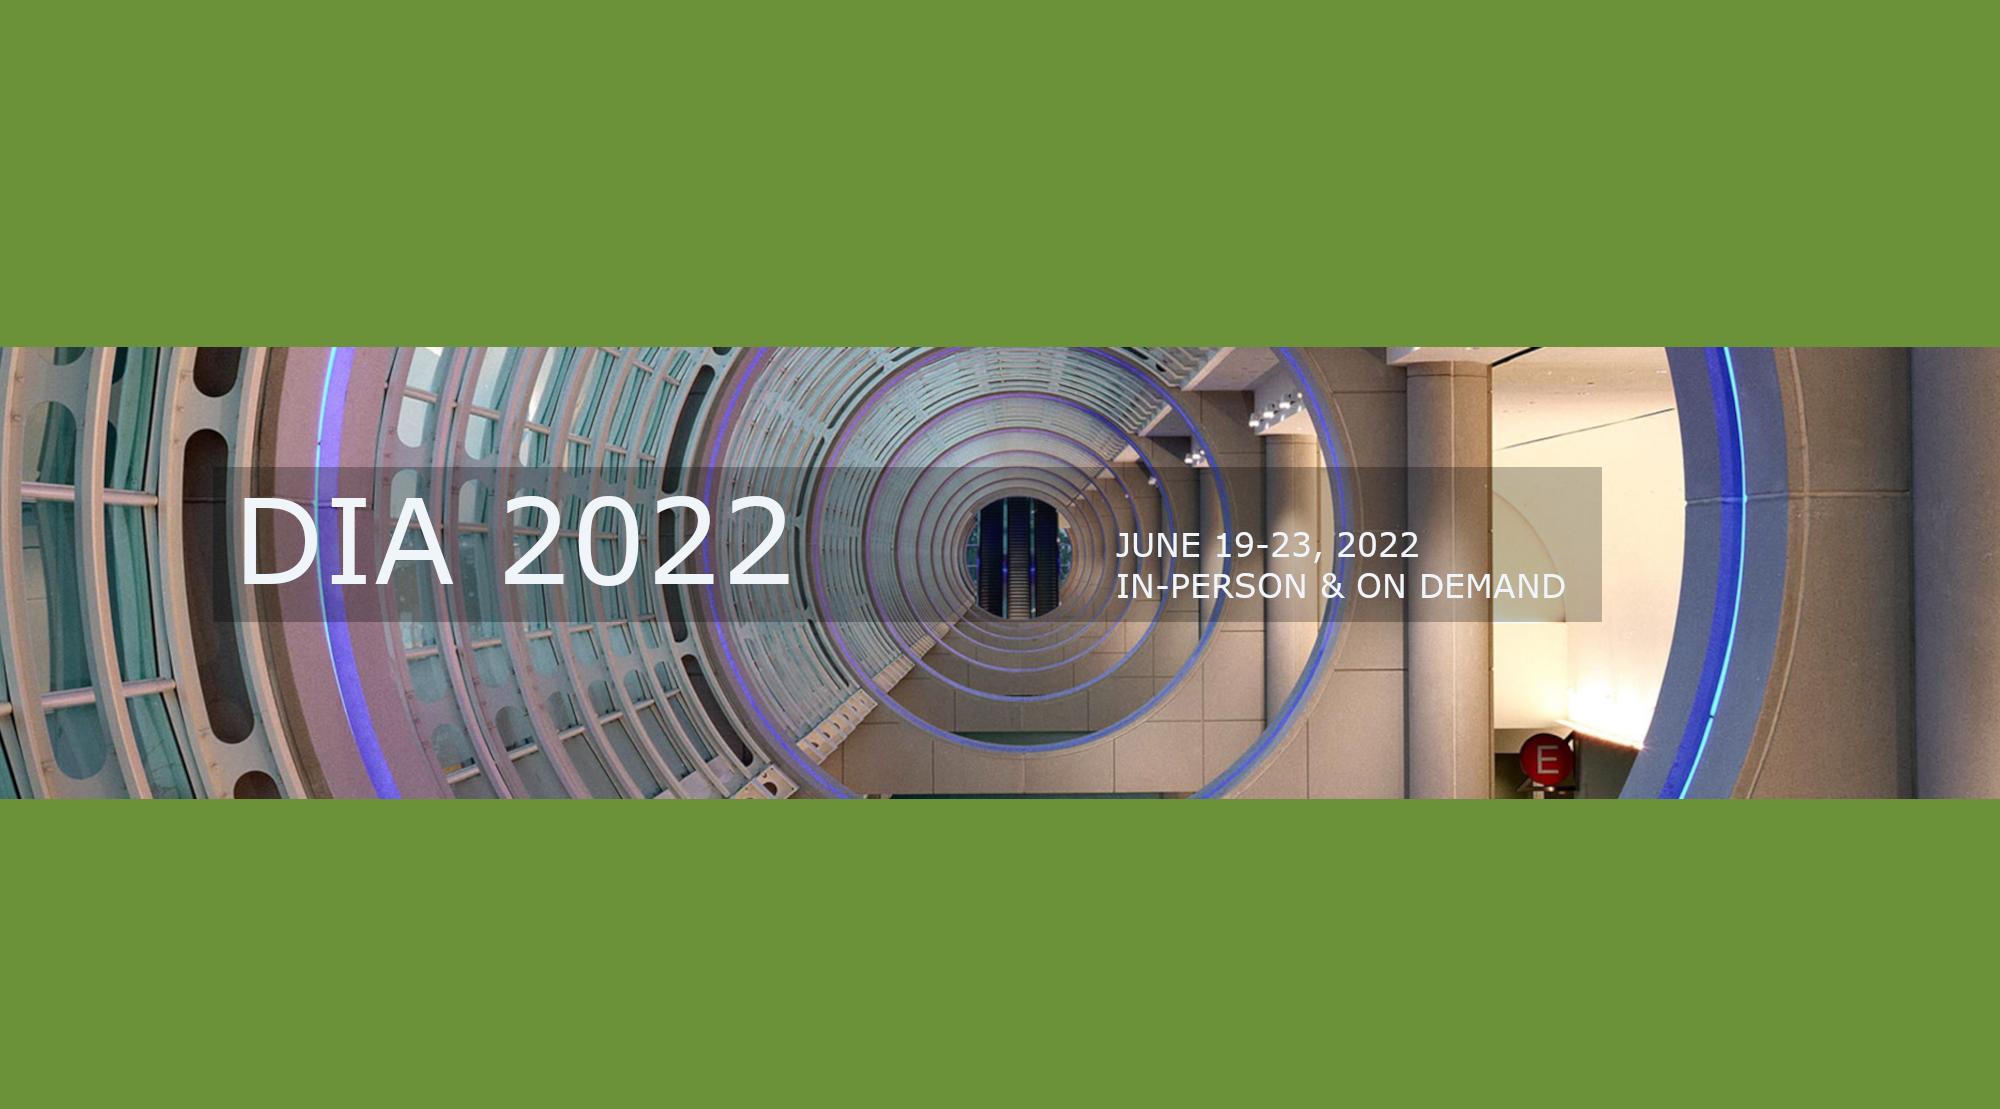 DIA 2022